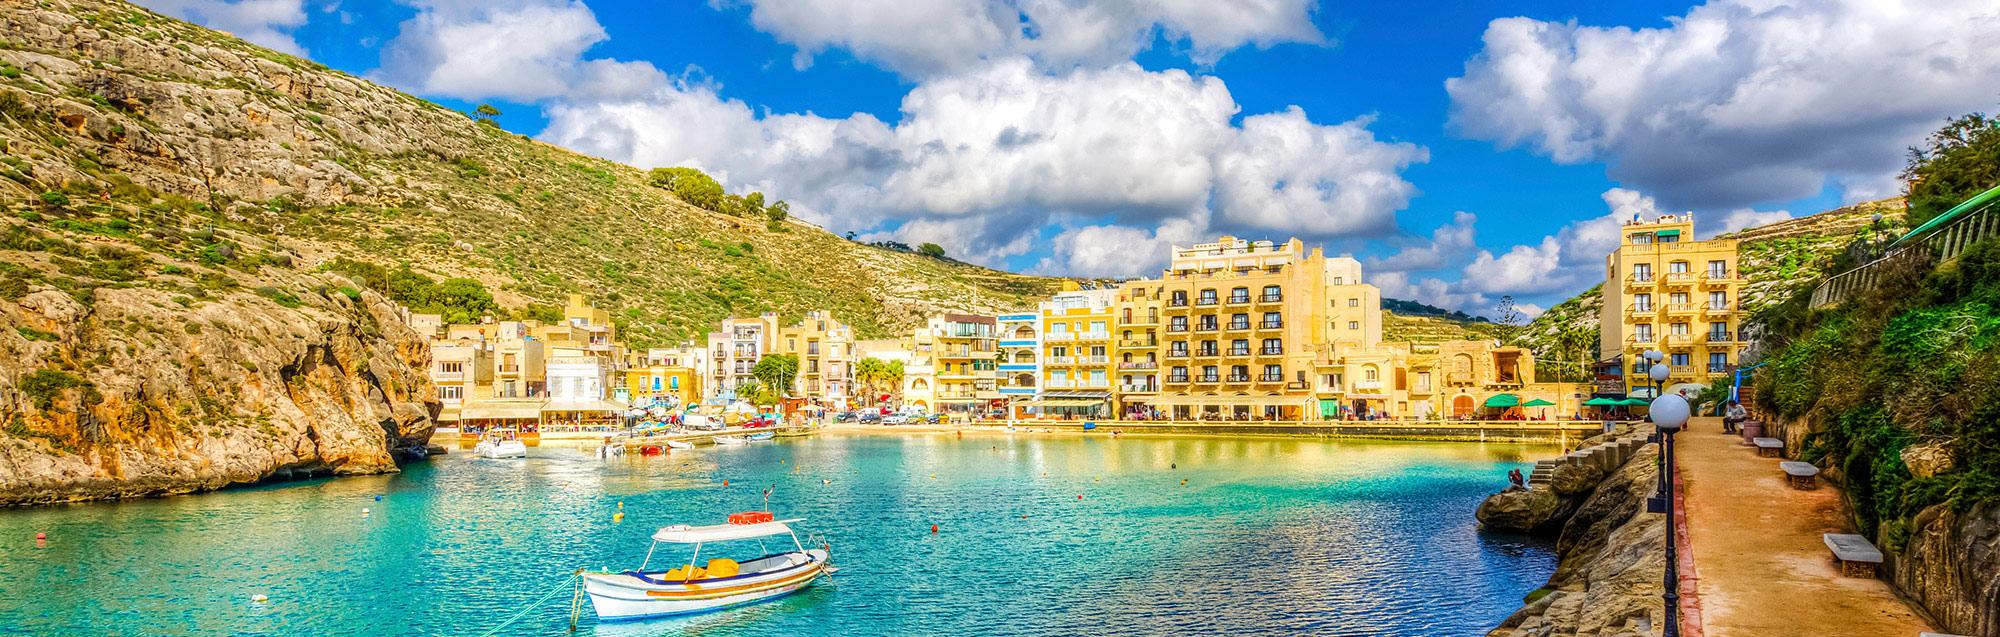 Escuelas de inglés en la Isla de Gozo